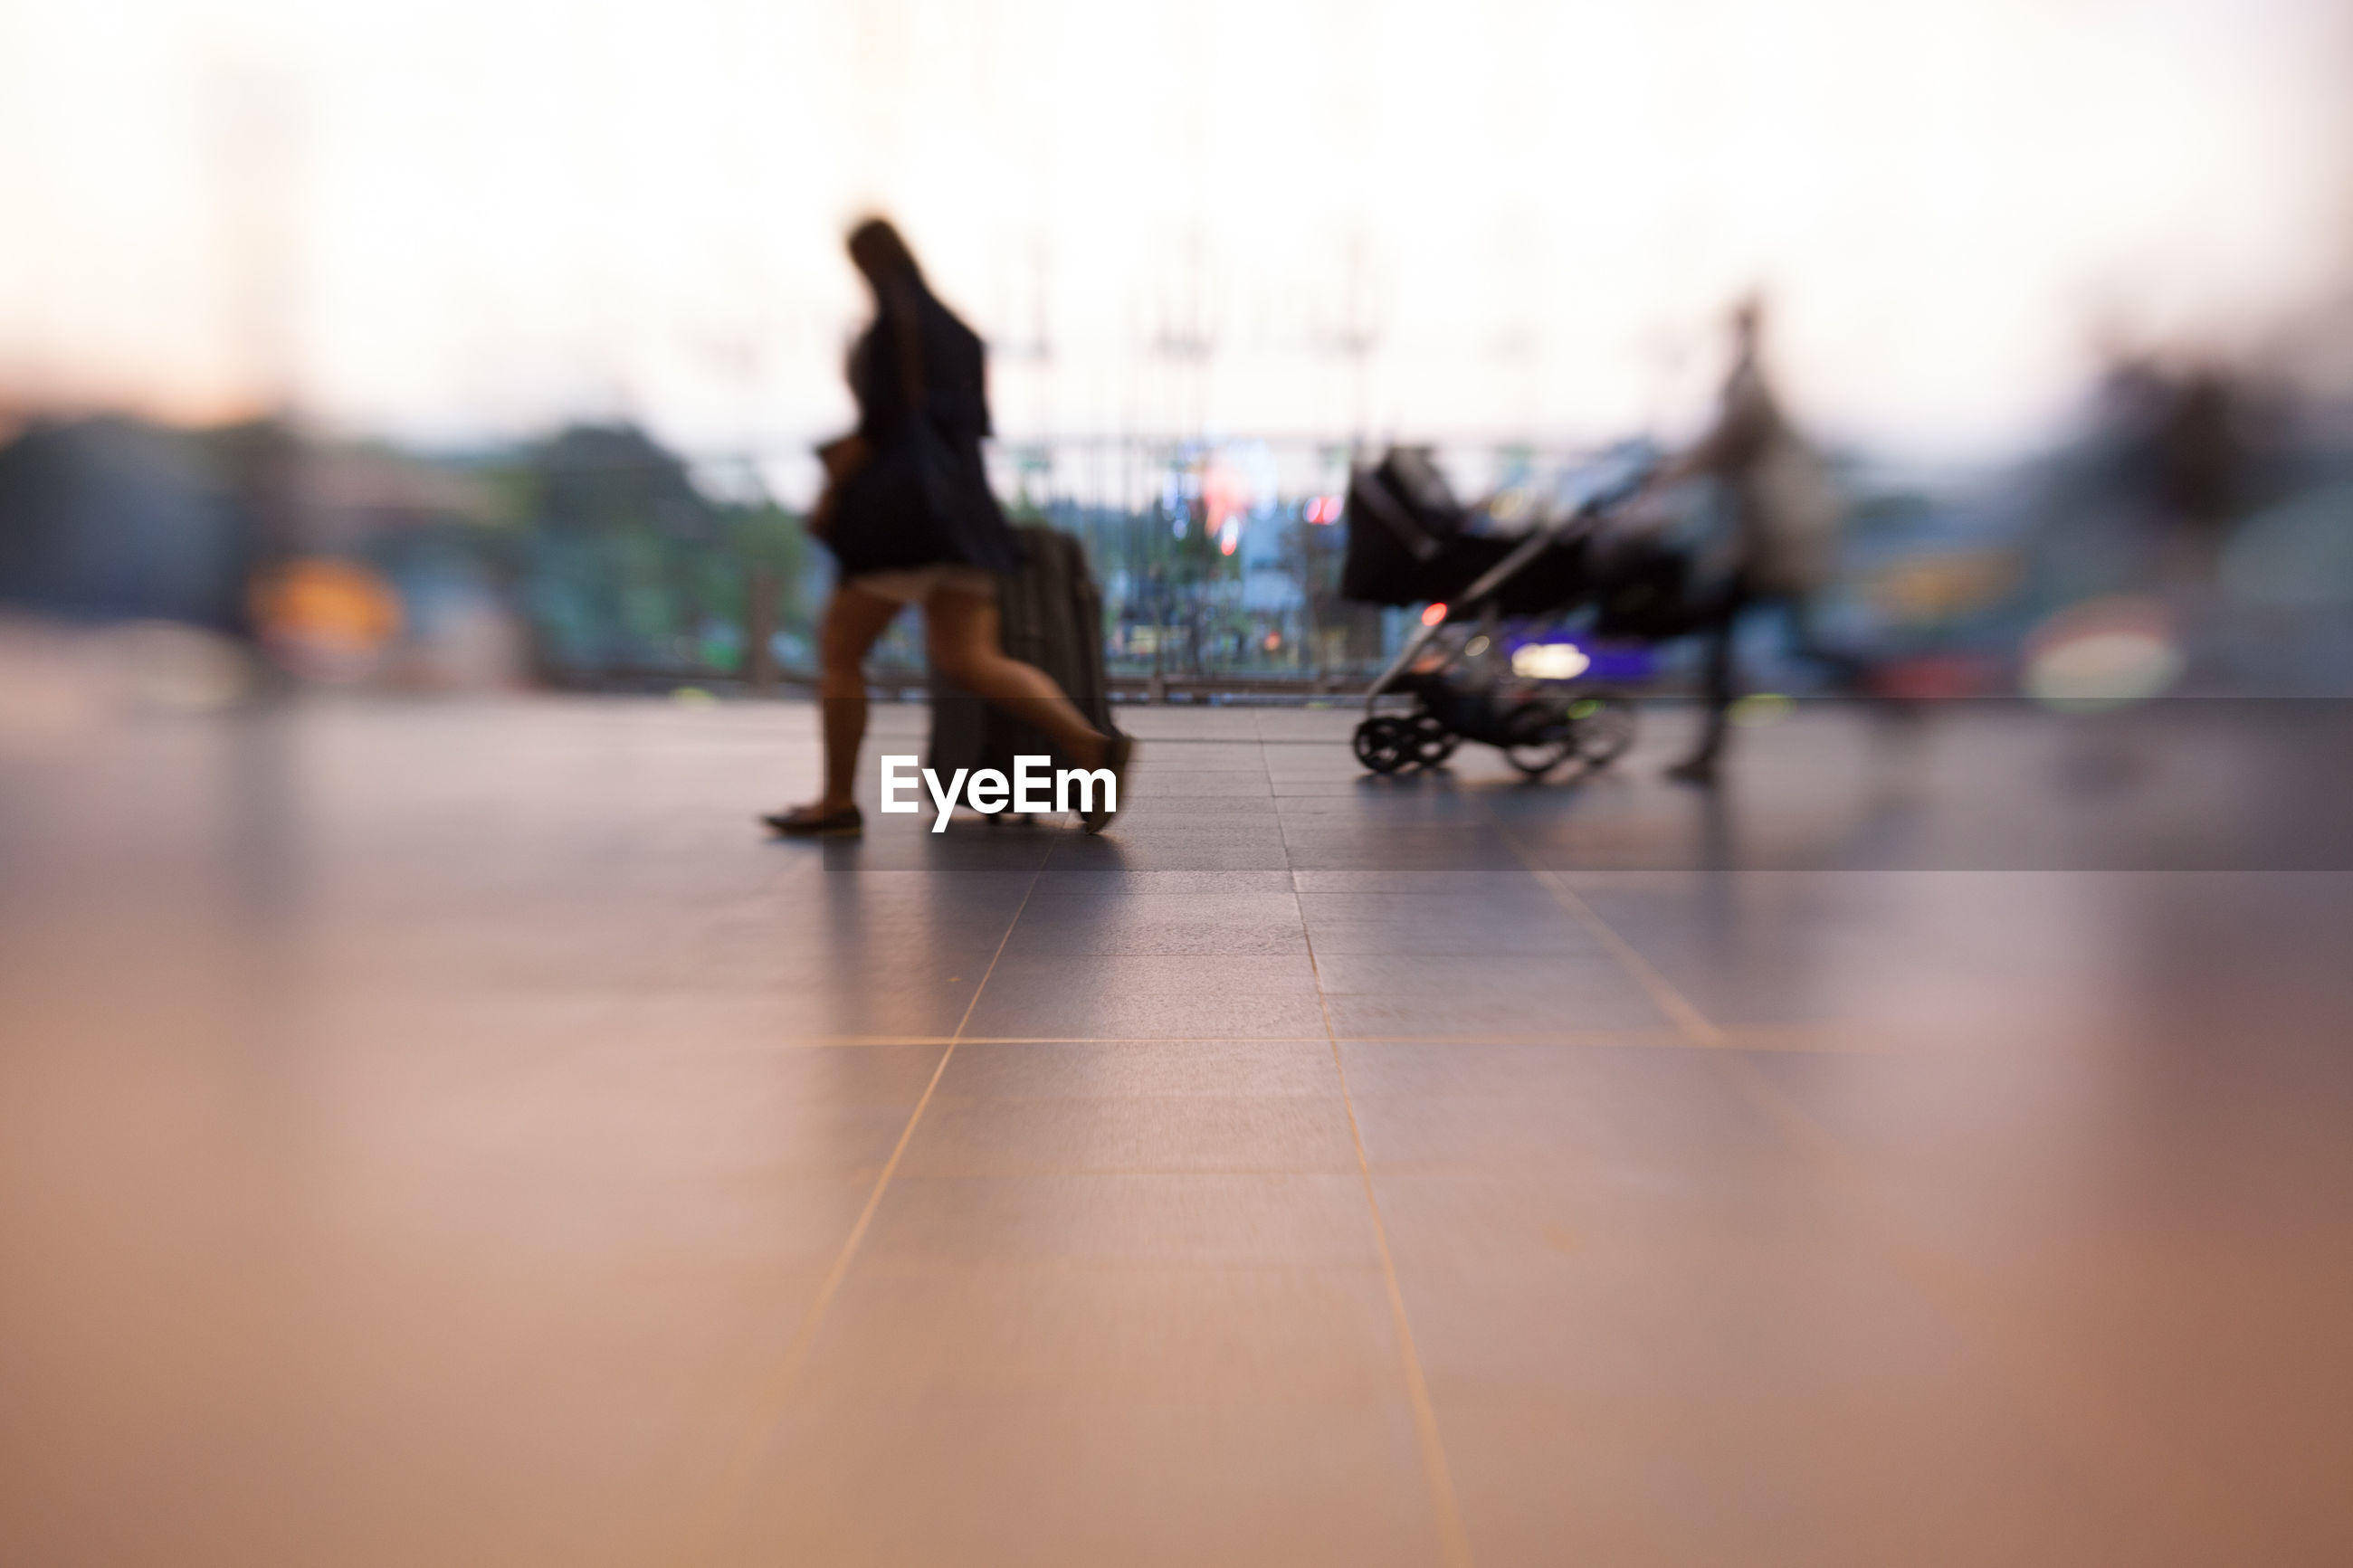 Blurred motion of people walking on floor